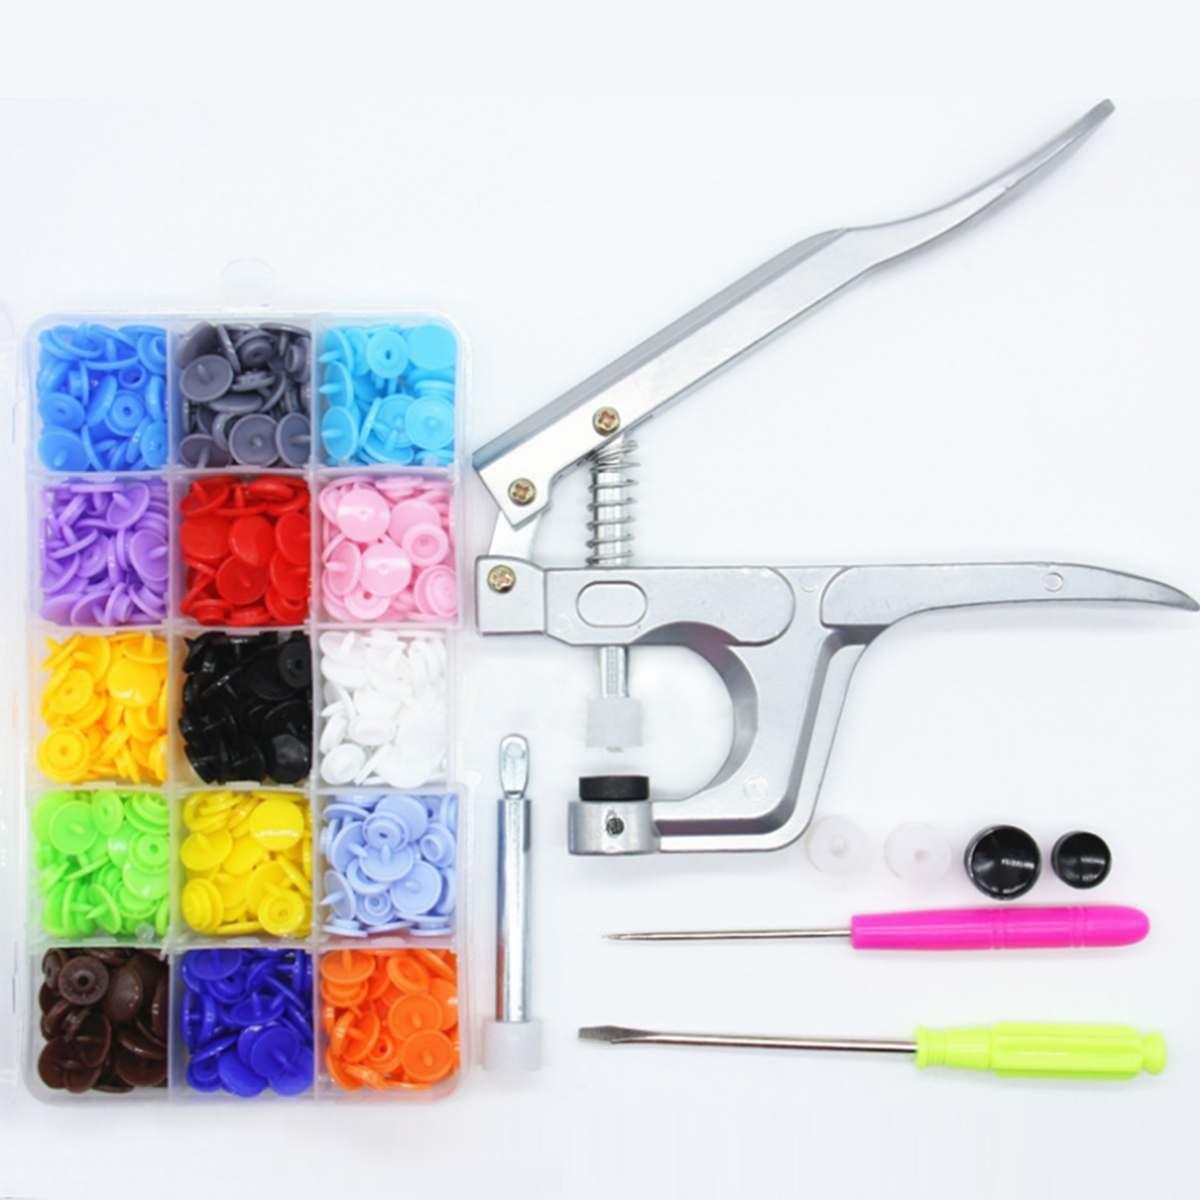 150 conjunto de 15 cores diy roupas t5 plástico prendedores snap resina imprensa parafuso prisioneiro pano ferramenta mão alicate pressão kit com caixa